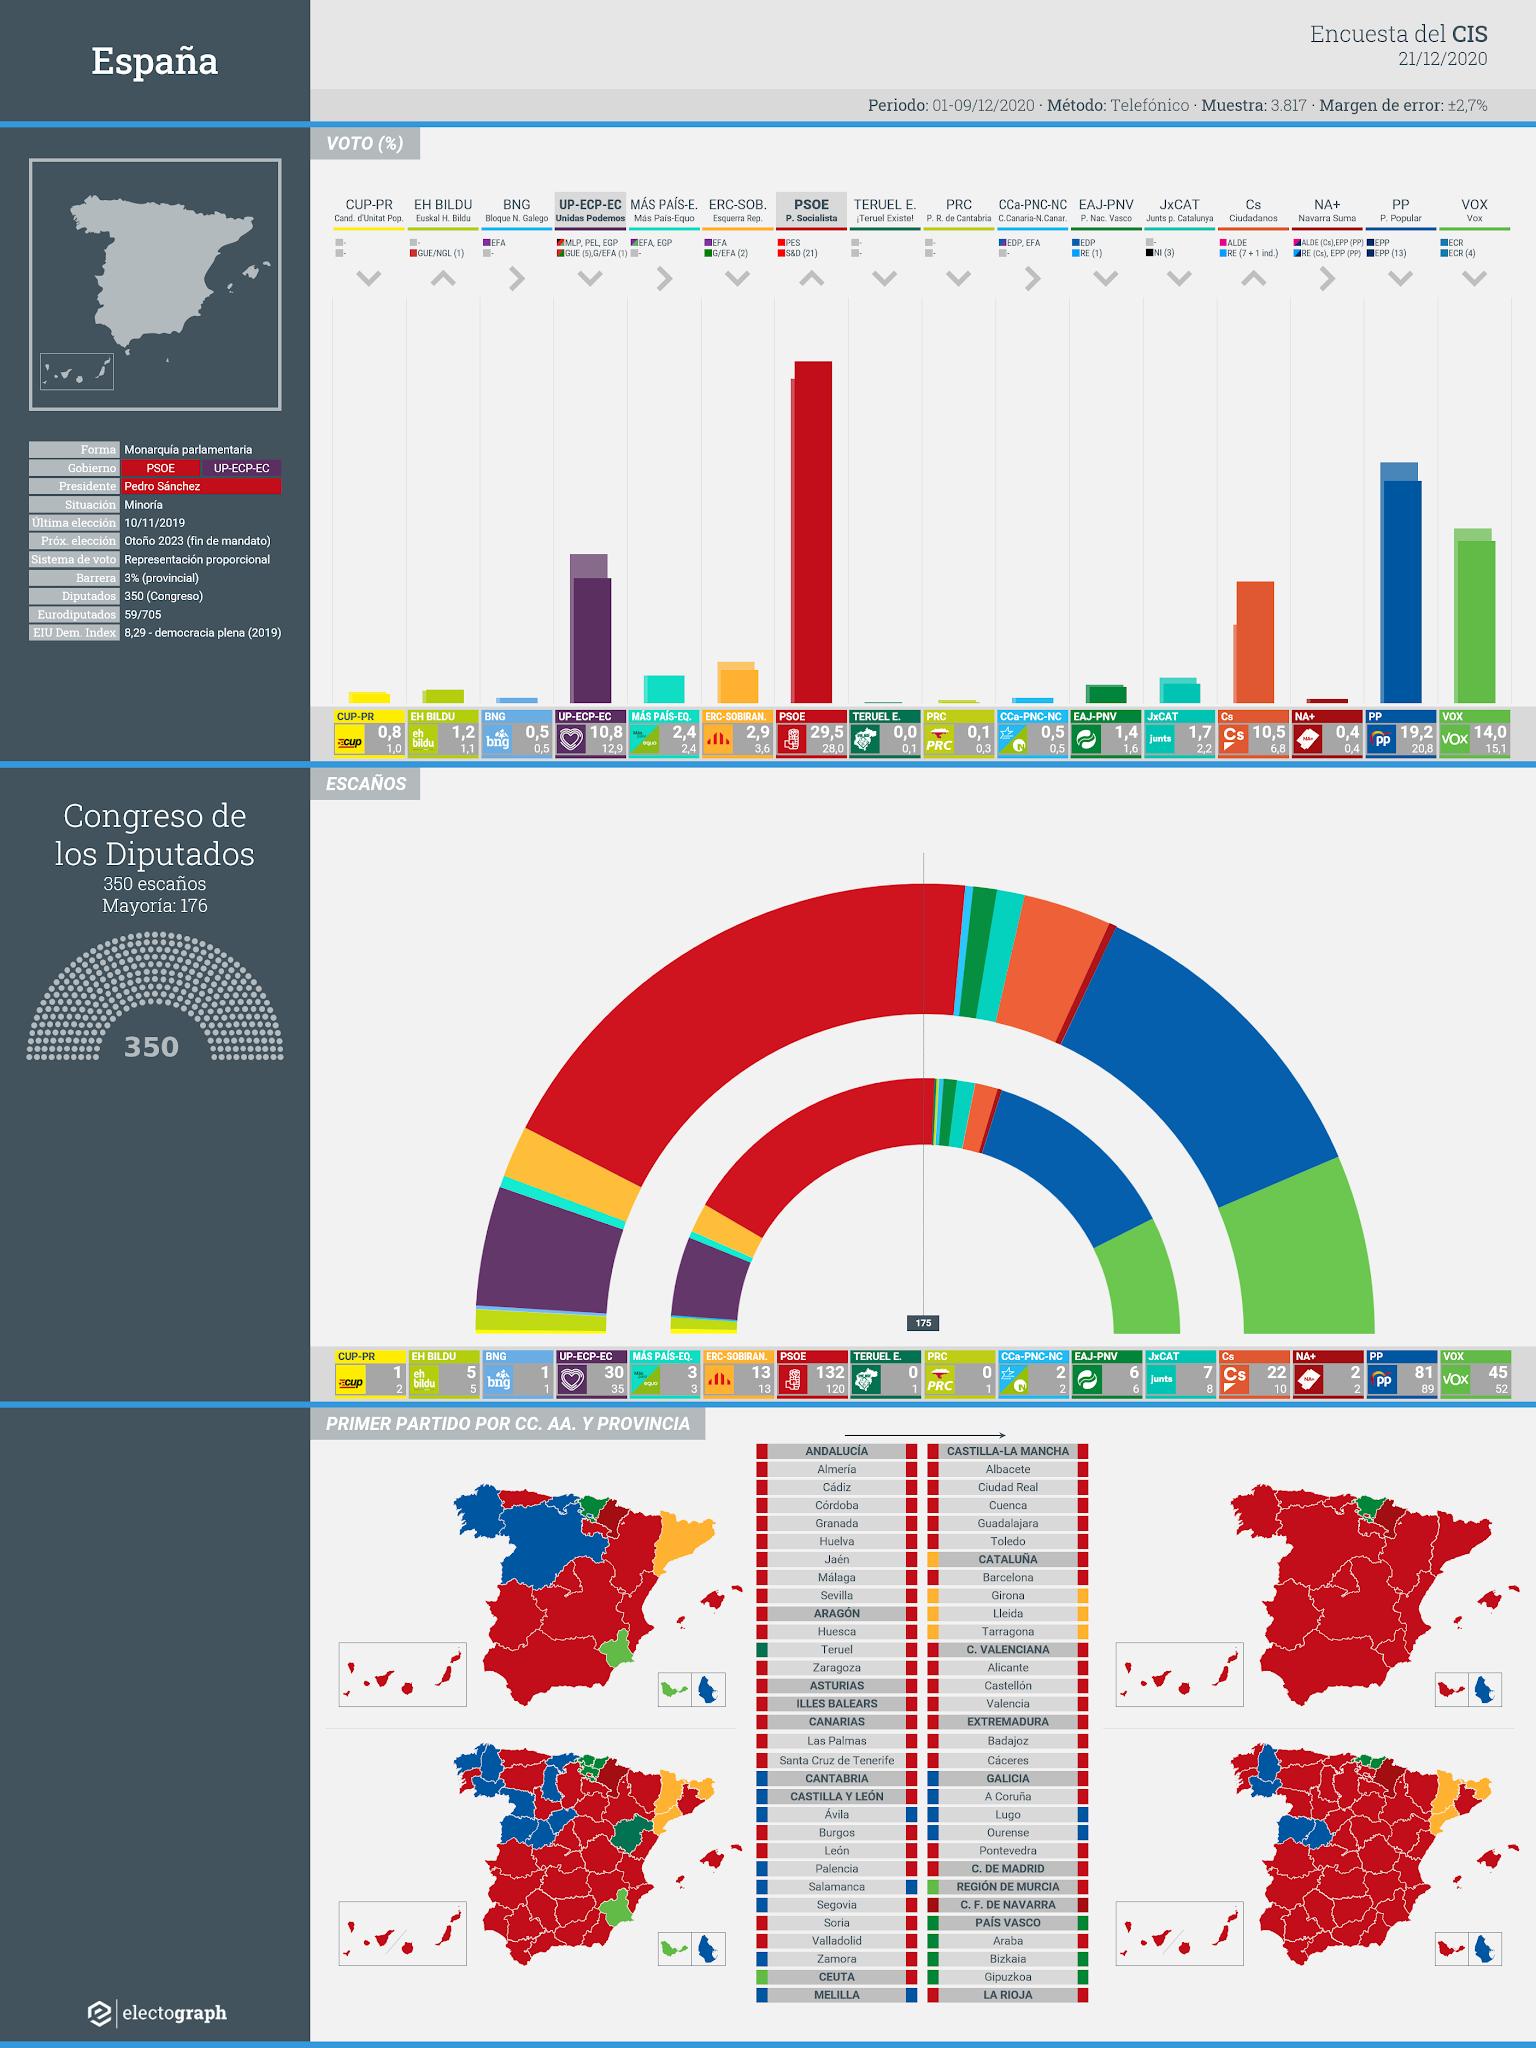 Gráfico de la encuesta para elecciones generales en España realizada por el CIS, 21 de diciembre de 2020